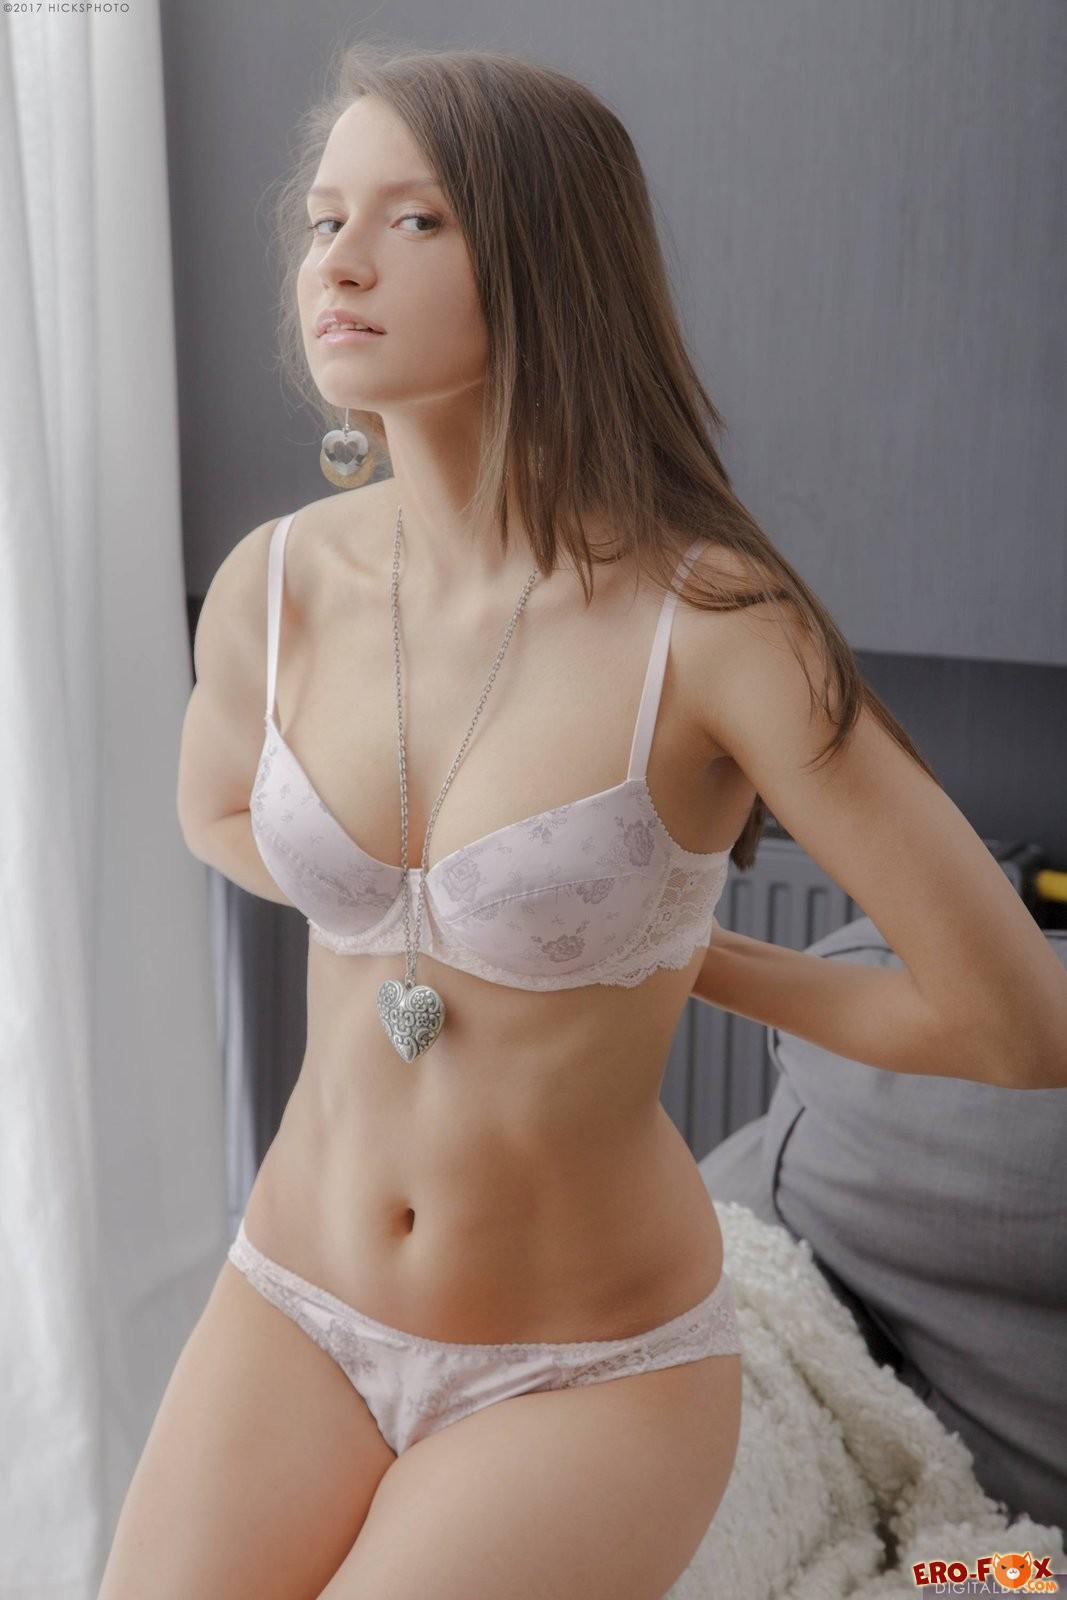 Красивая девушка показала упругую грудь .